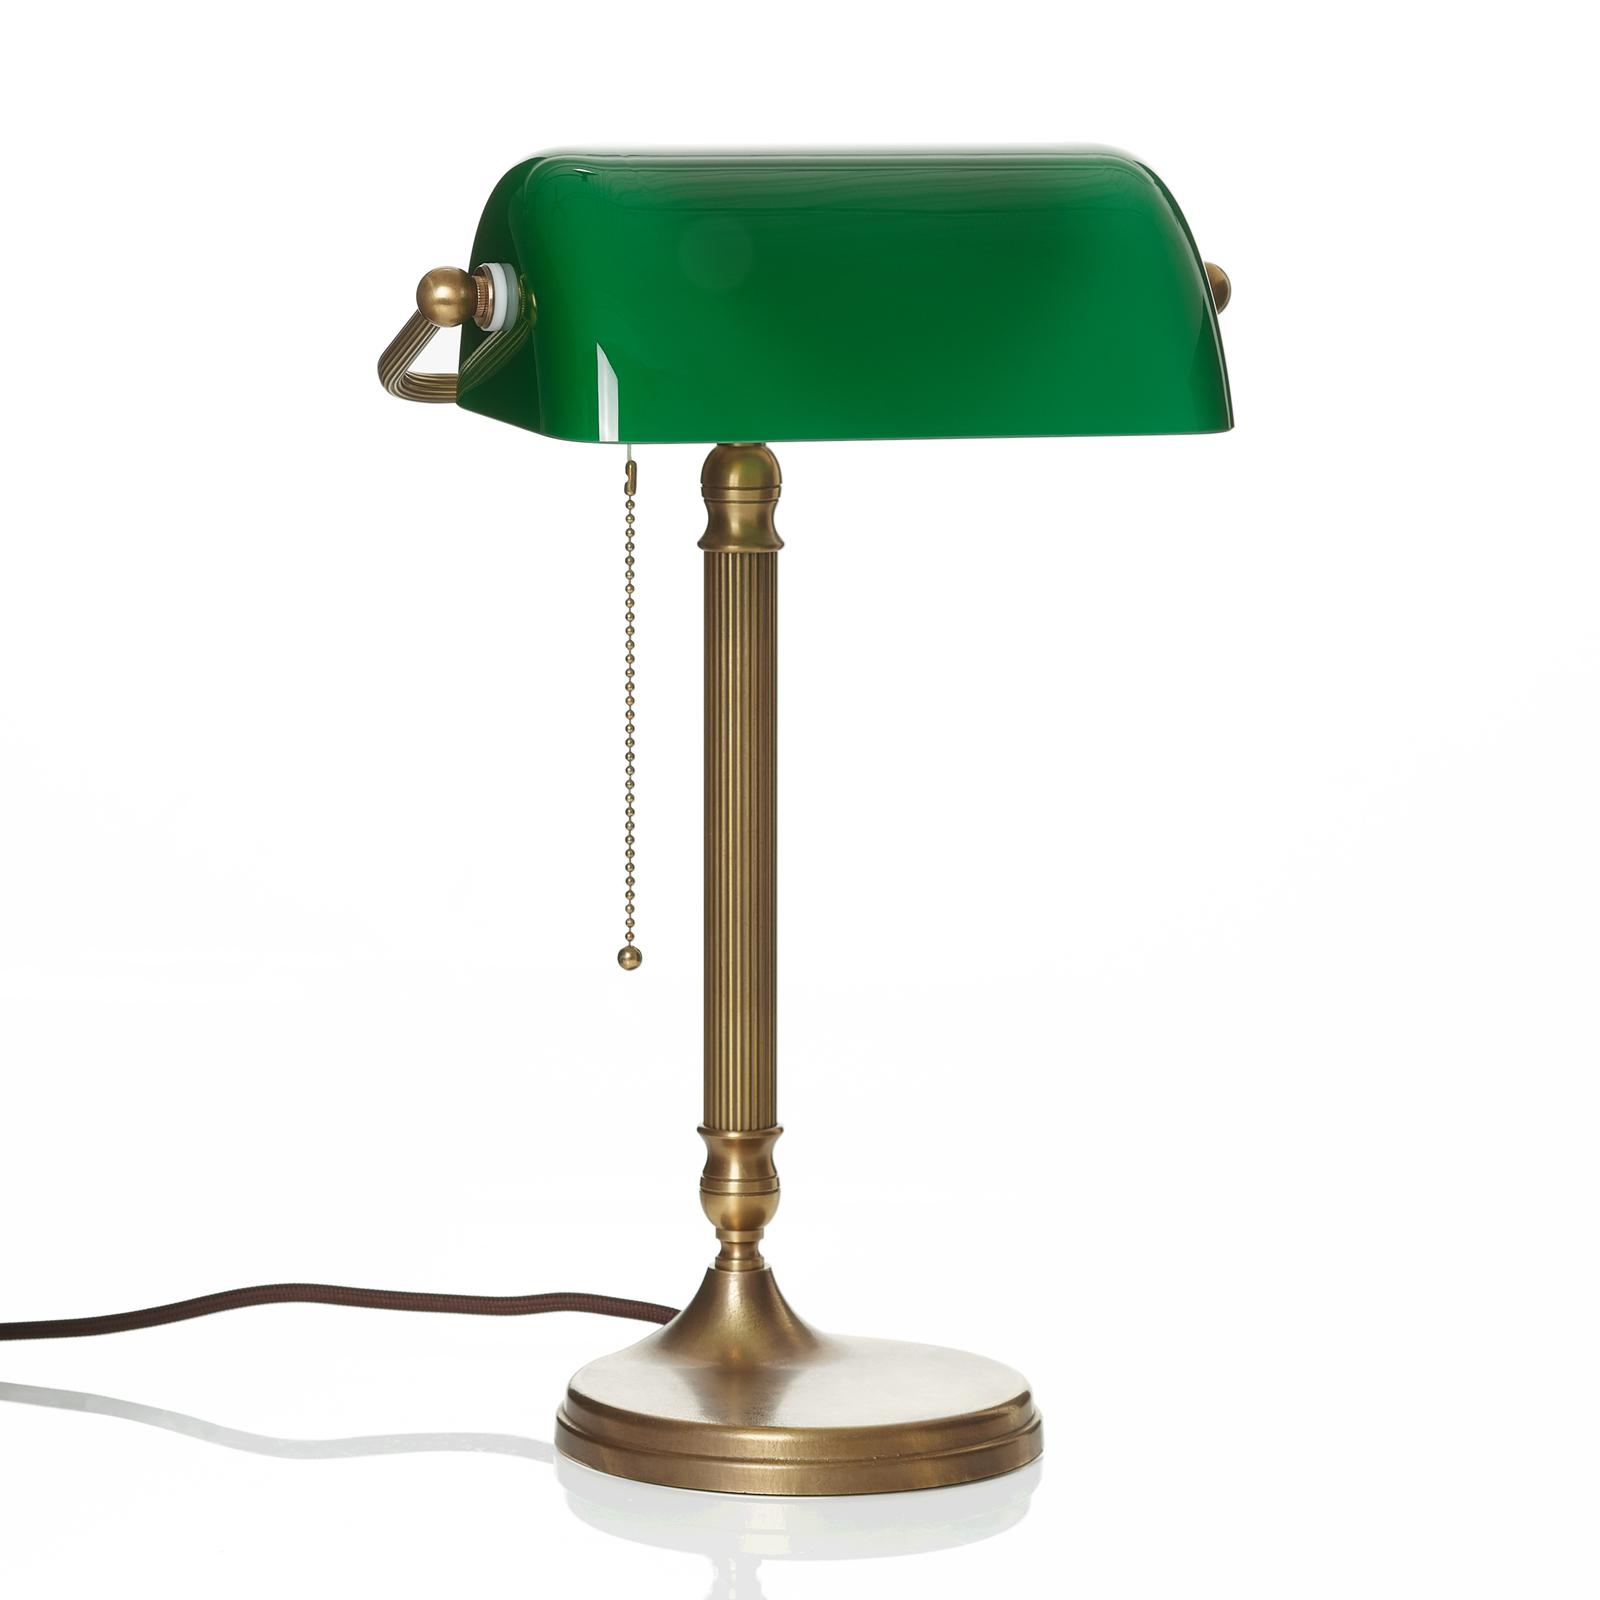 Den håndlavede banklampe JIVAN